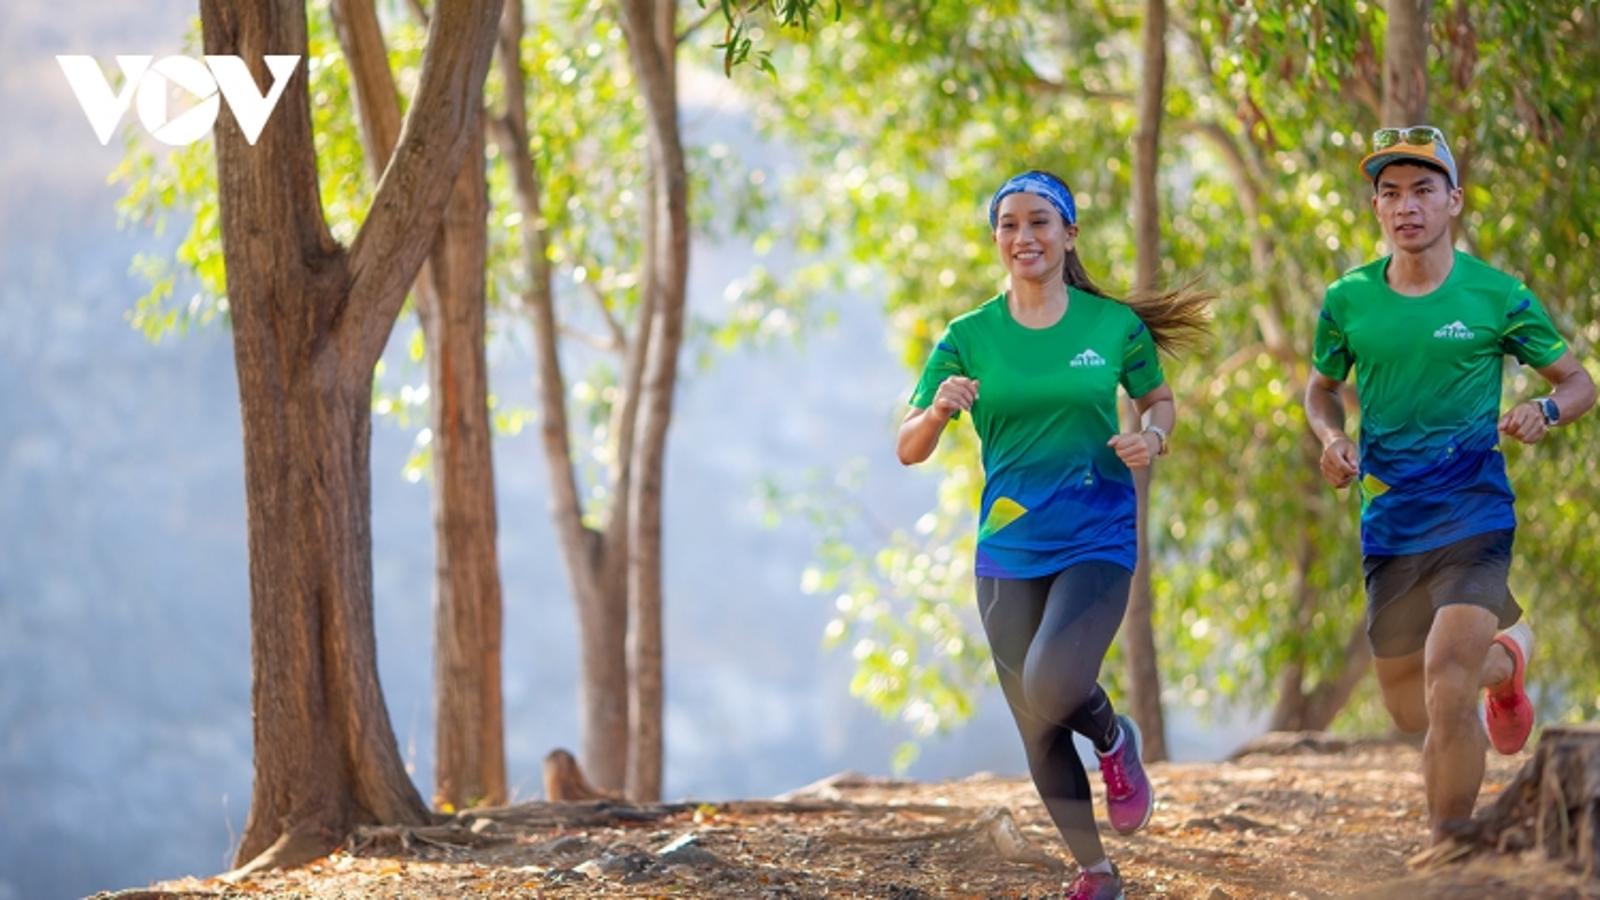 Tây Ninh: Lần đầu tiên tổ chức giải marathon khám phá núi Bà Đen